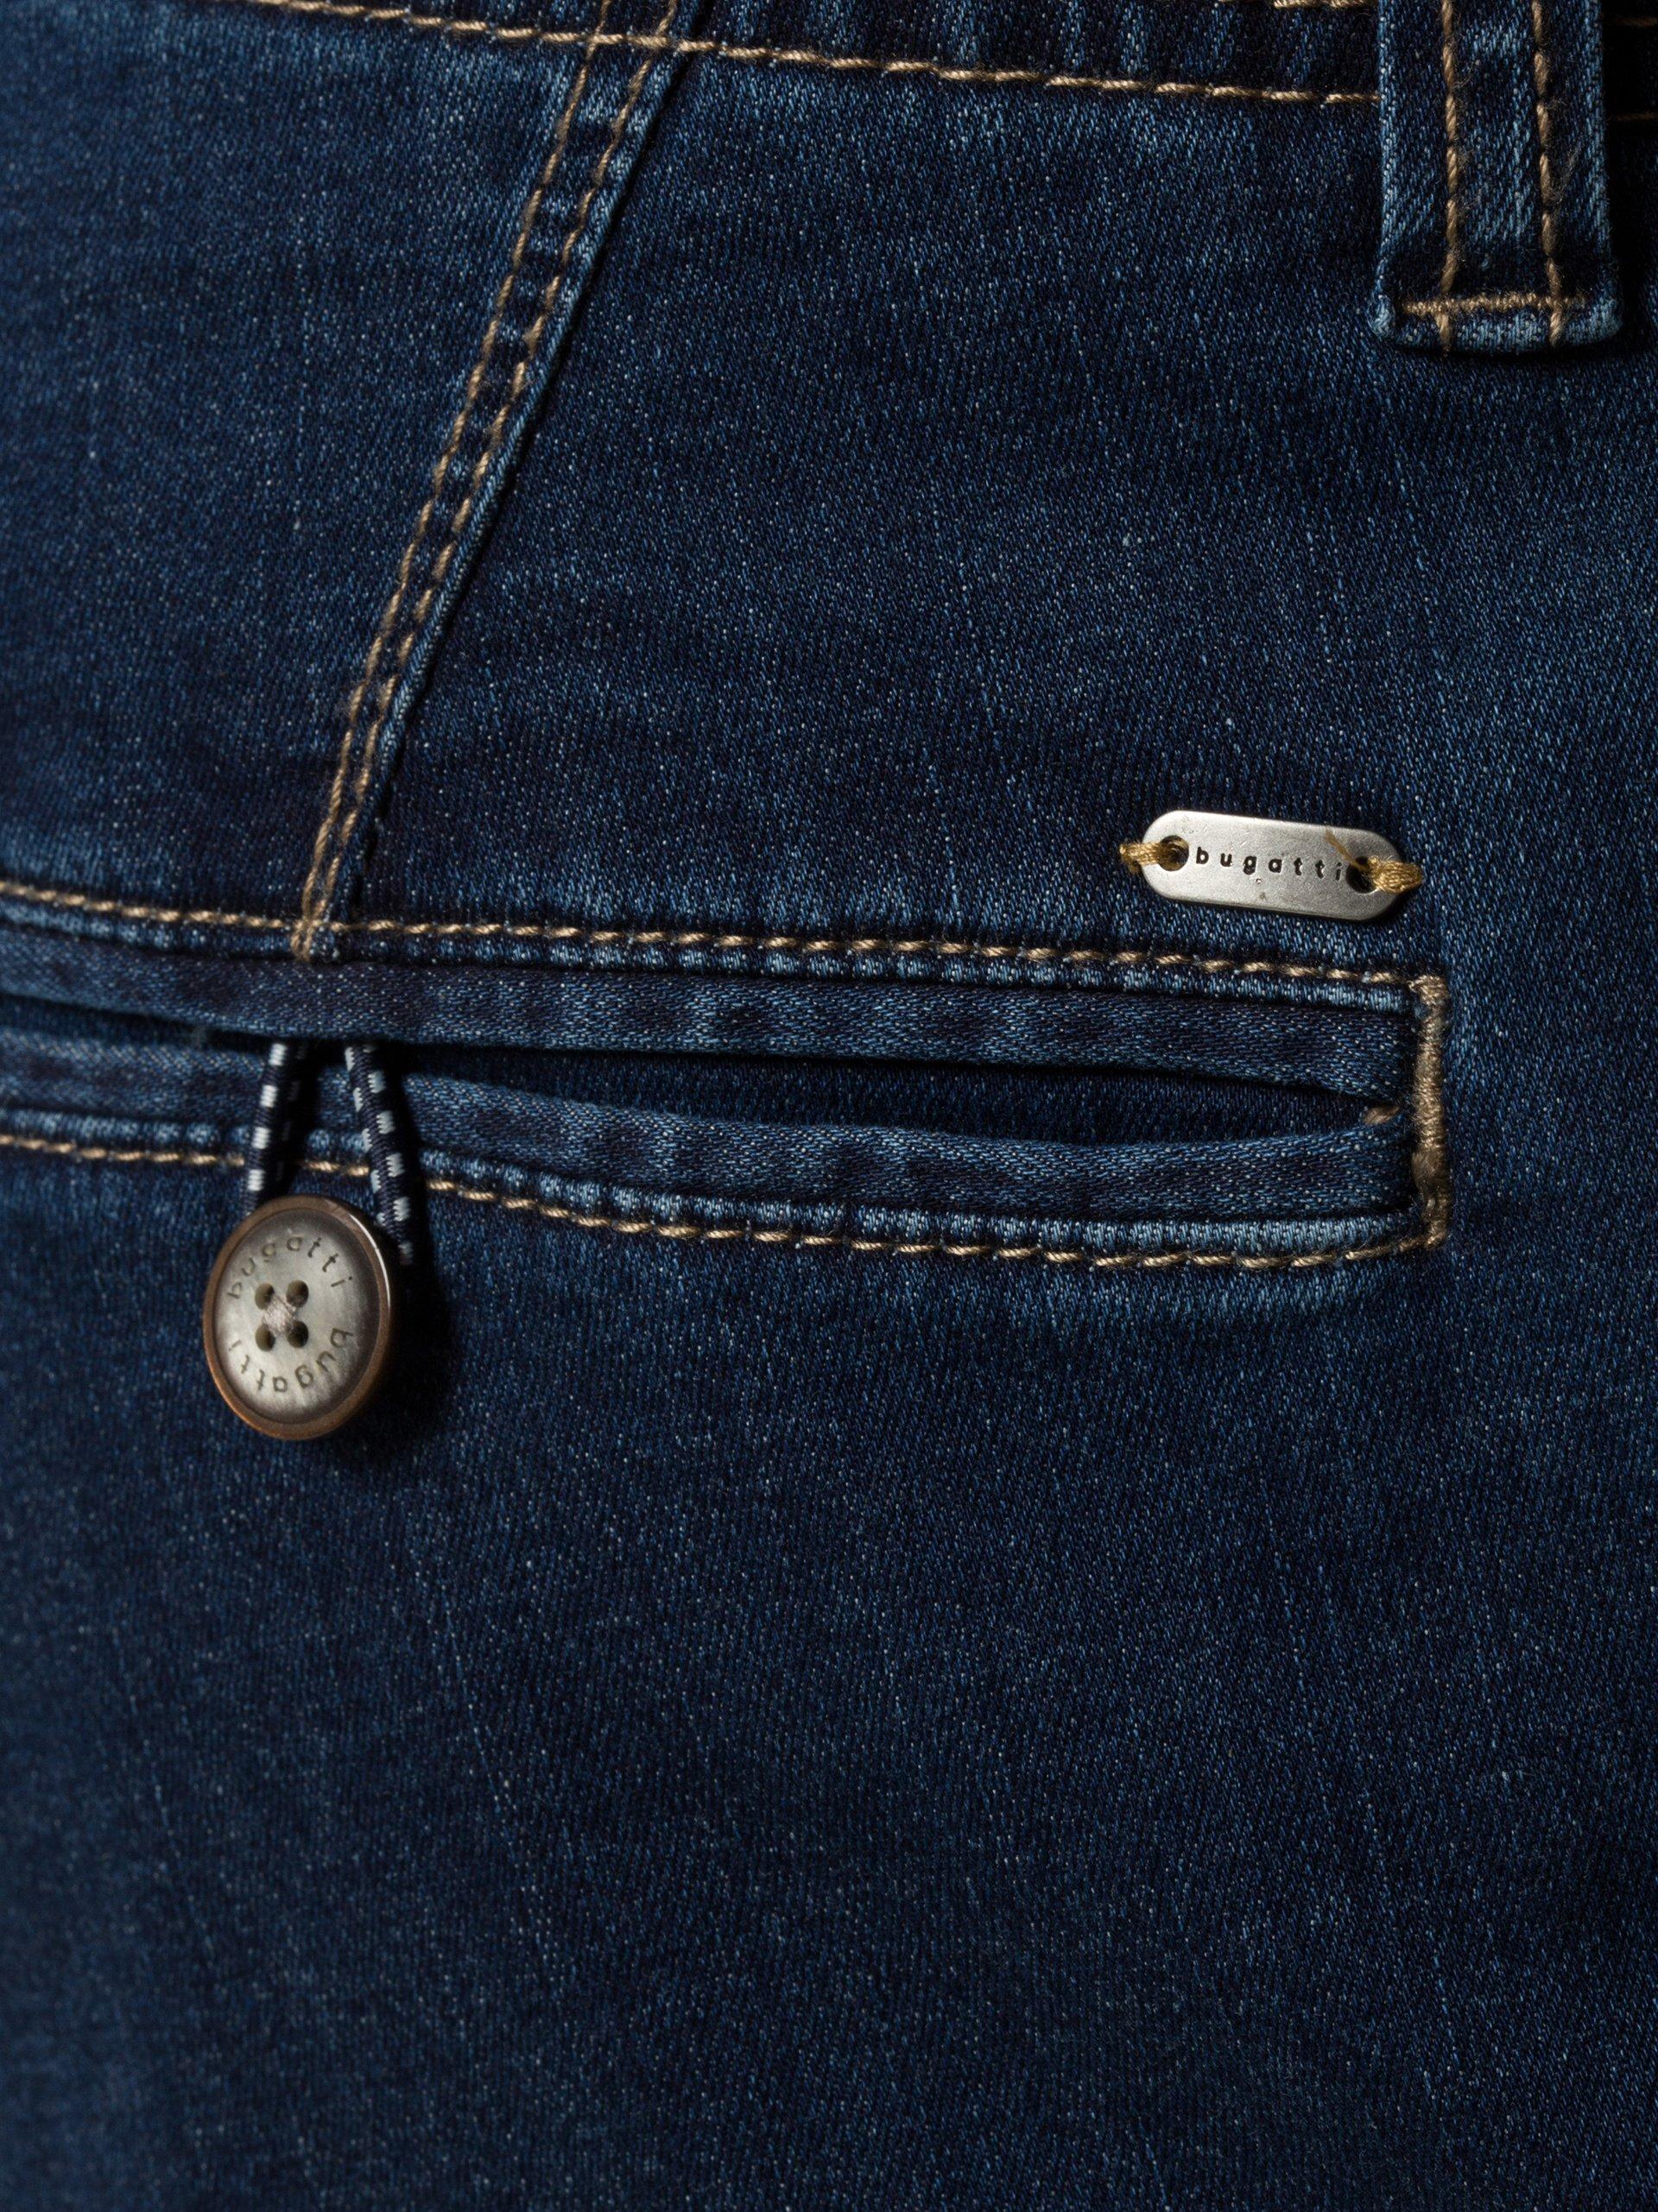 Bugatti Męskie spodenki jeansowe